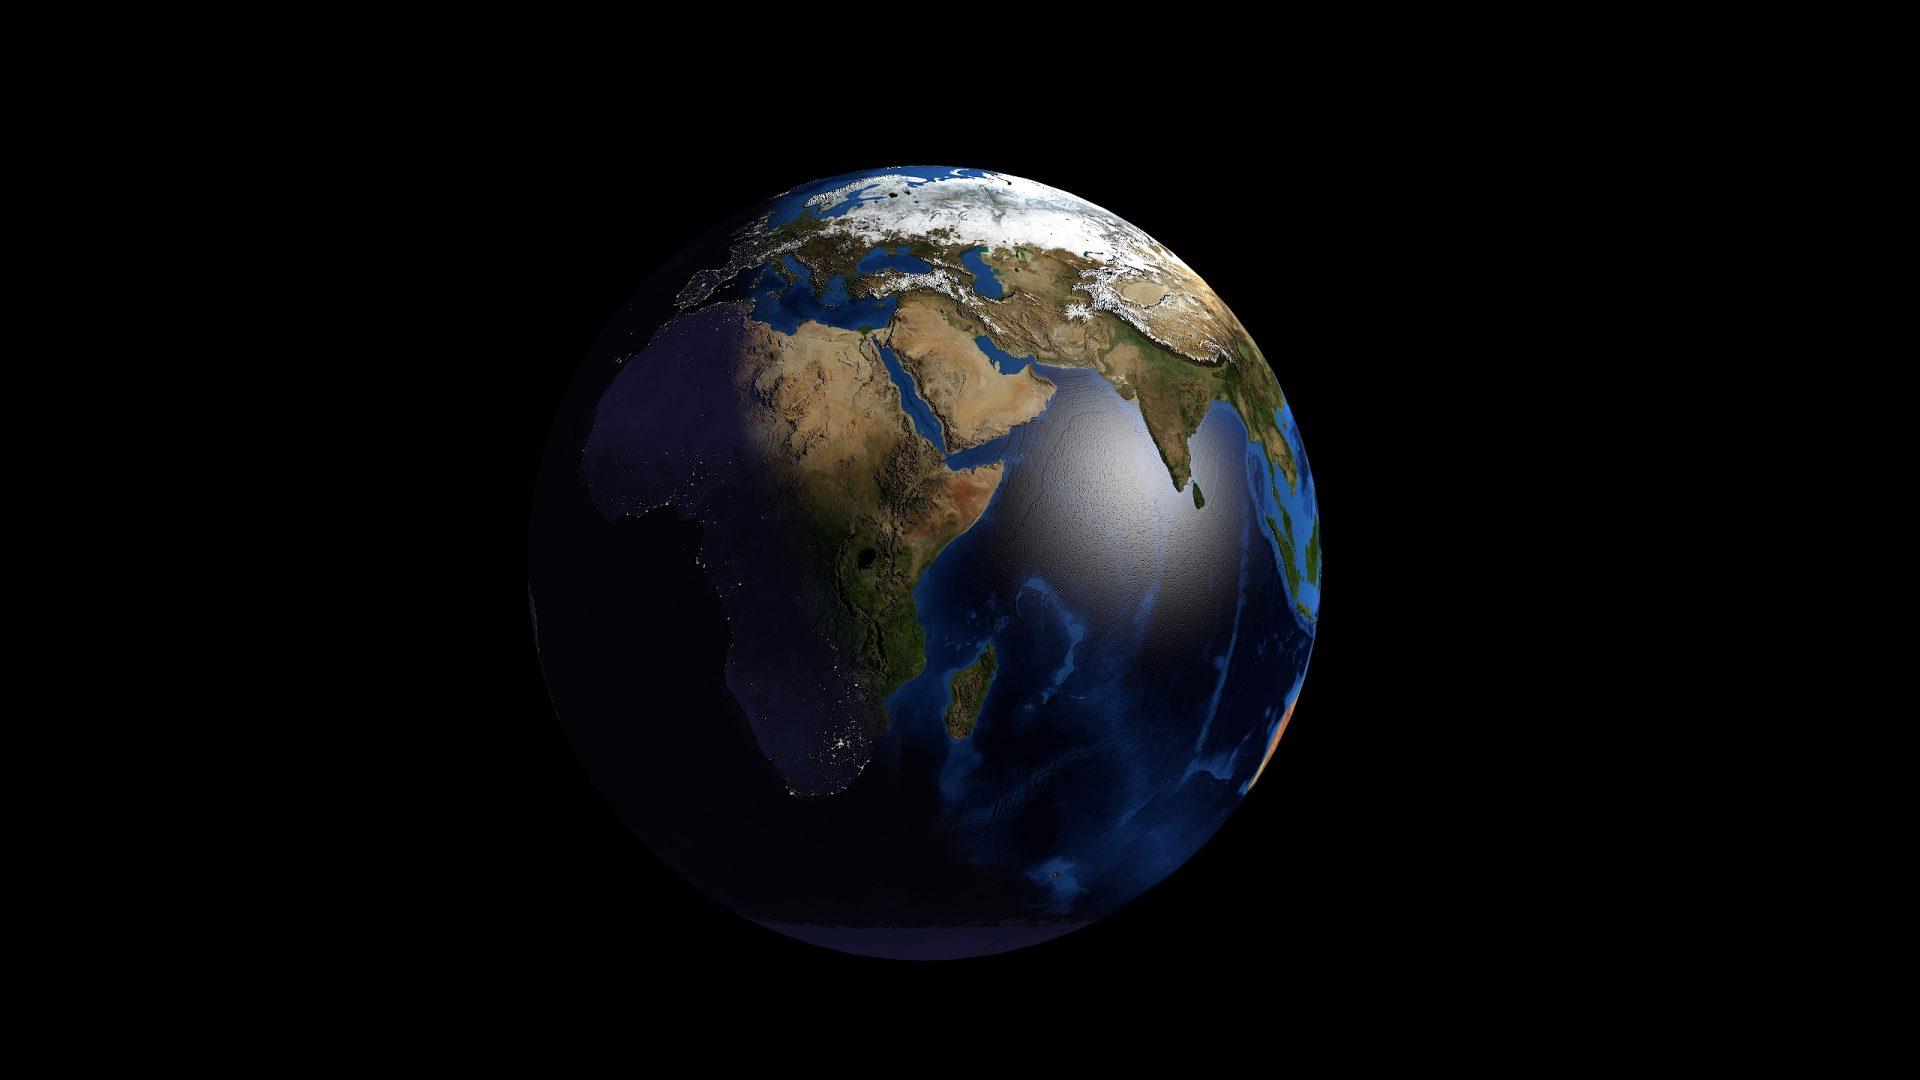 earth 3d model 3ds fbx blend dae obj 209737